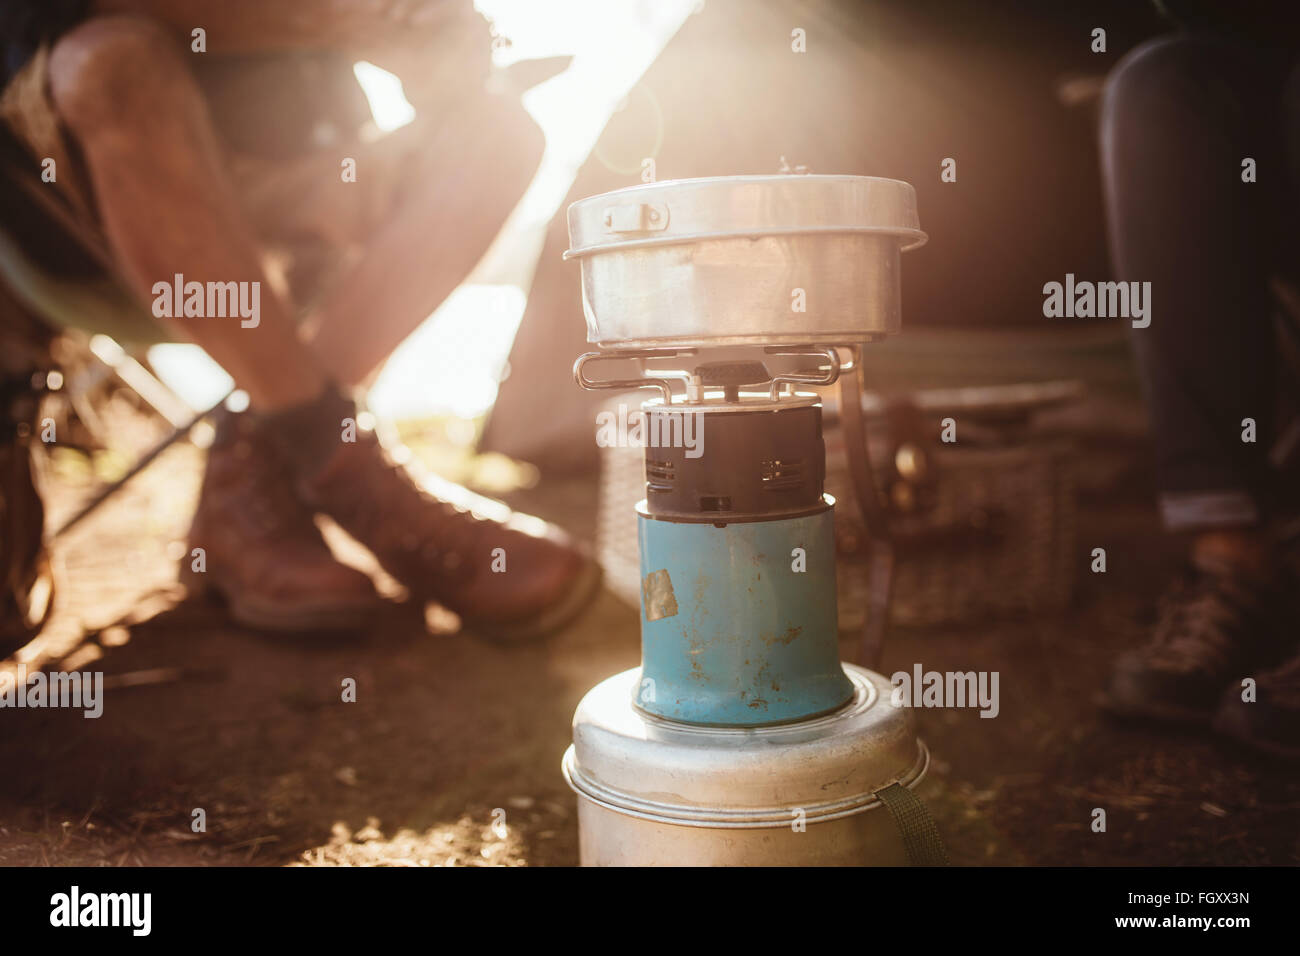 Porträt von einem Campingkocher mit paar im Hintergrund sitzt hautnah. Stockbild